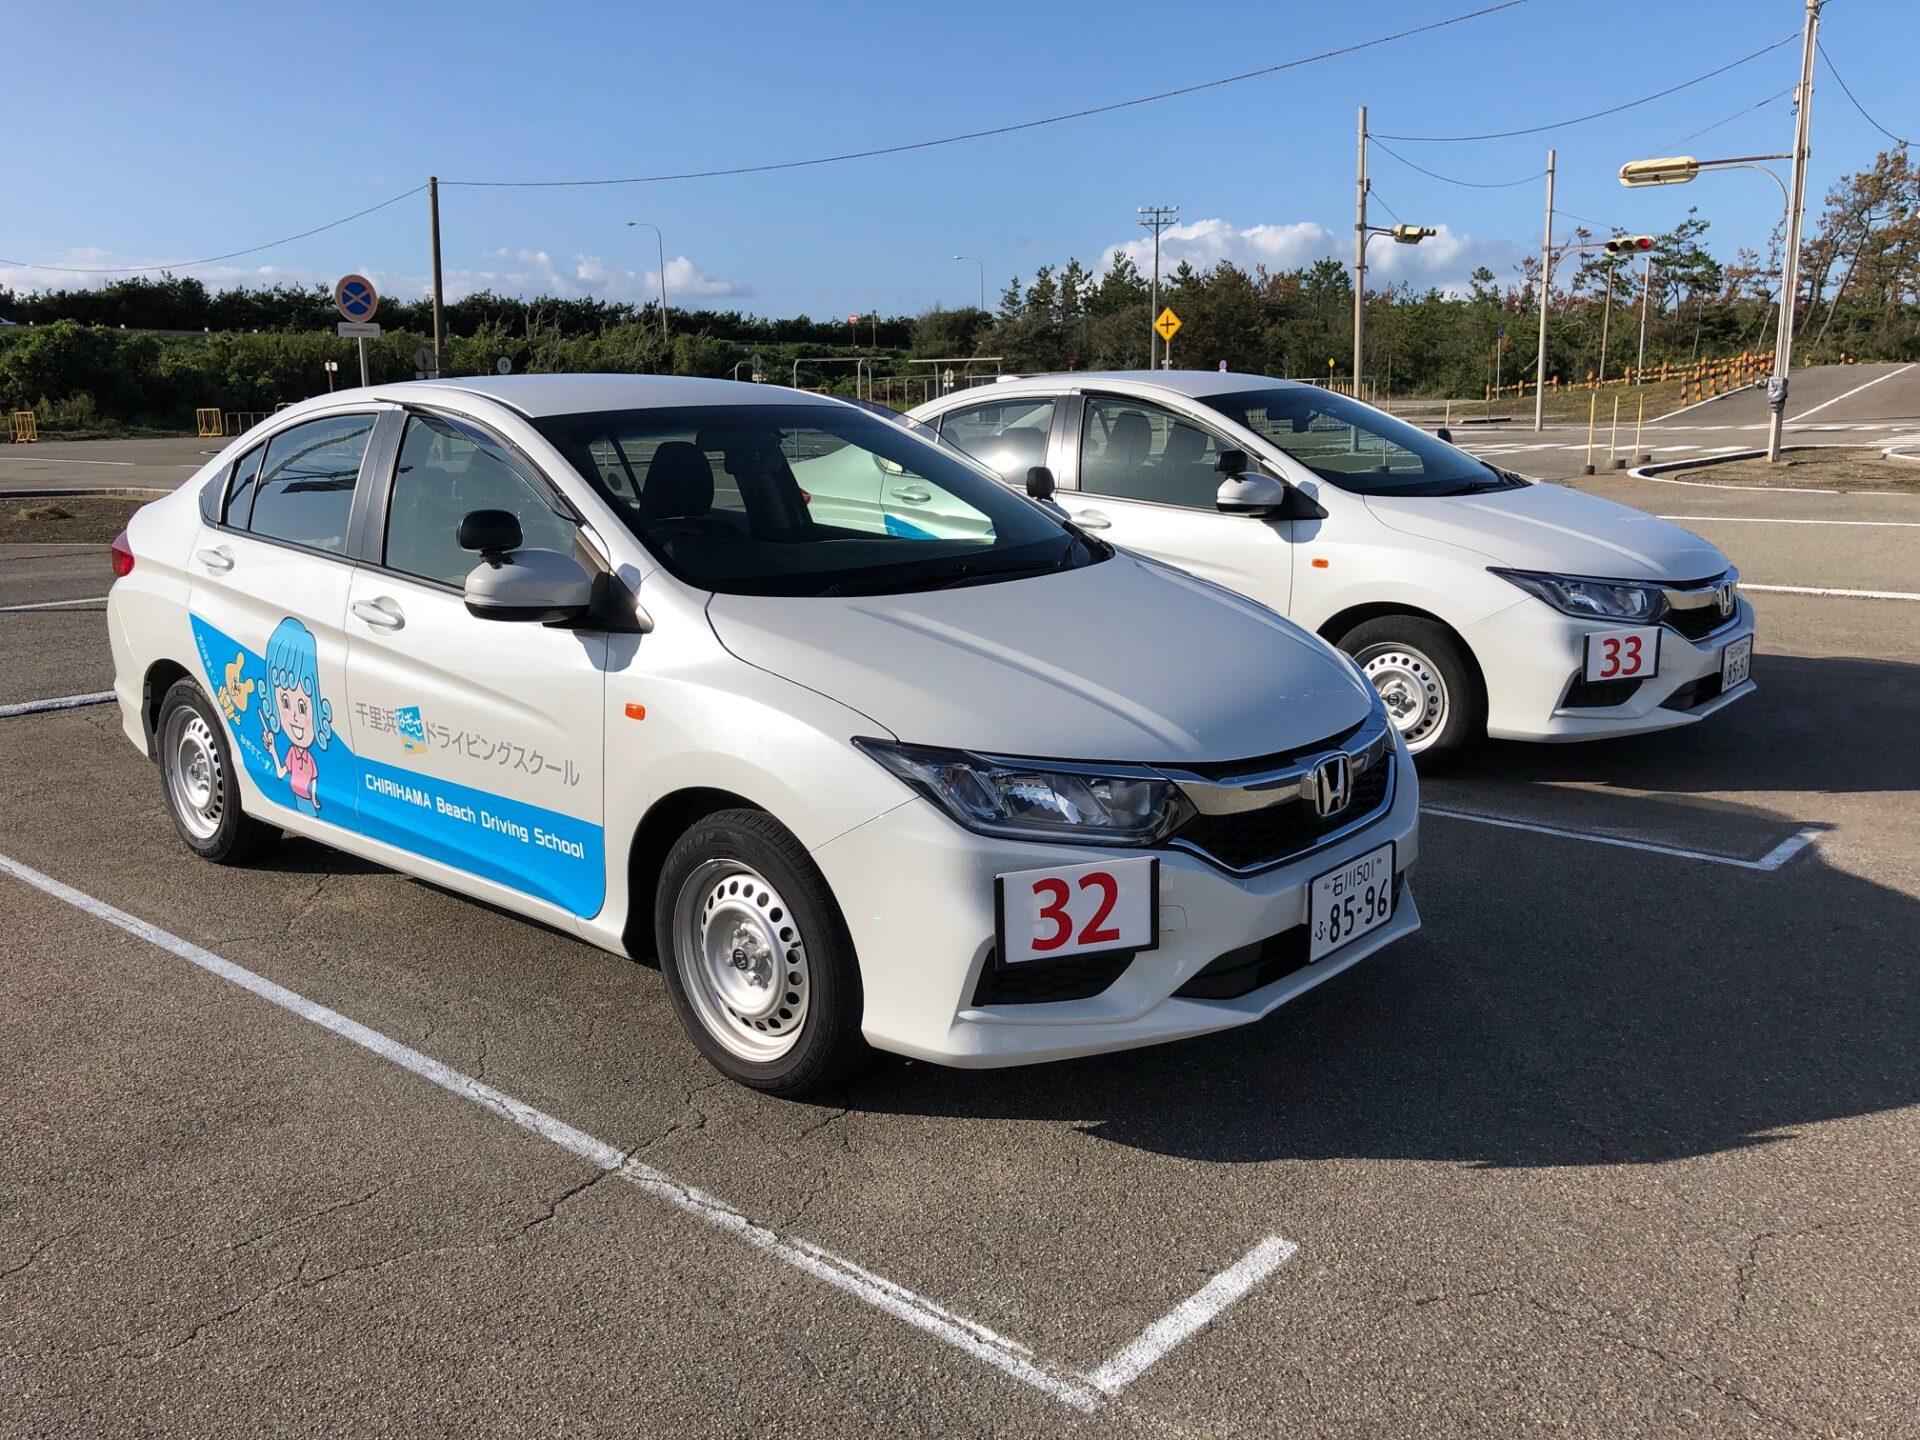 千里浜なぎさドライビングスクール